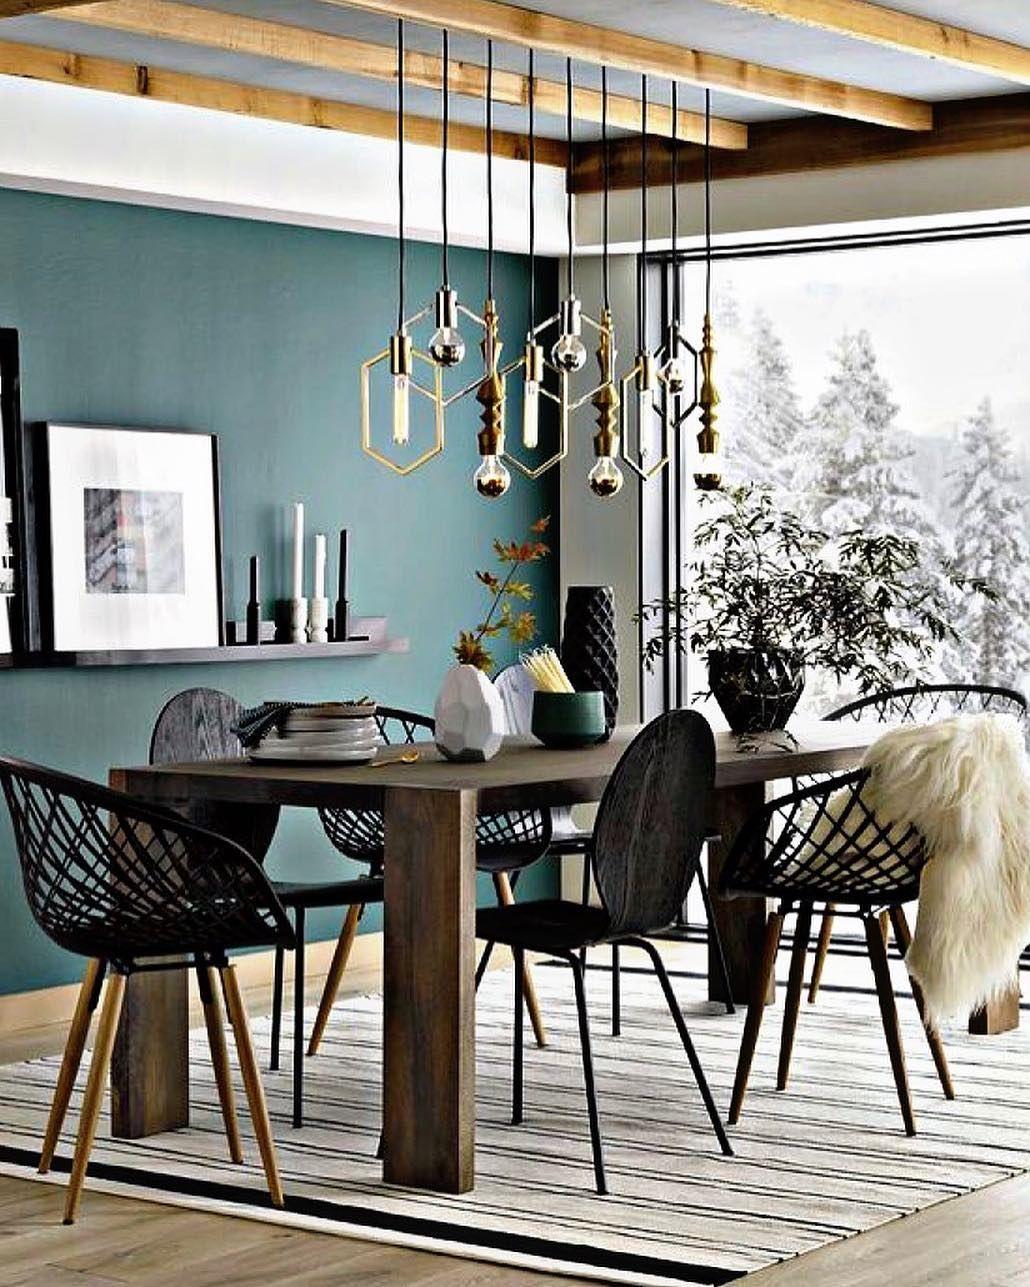 Edmspaces Home On Instagram E Per Rimanere In Tema Di Verde Ecco Una Bellissima Is Idee Arredamento Soggiorno Arredamento Salotto Idee Arredamento Salotto